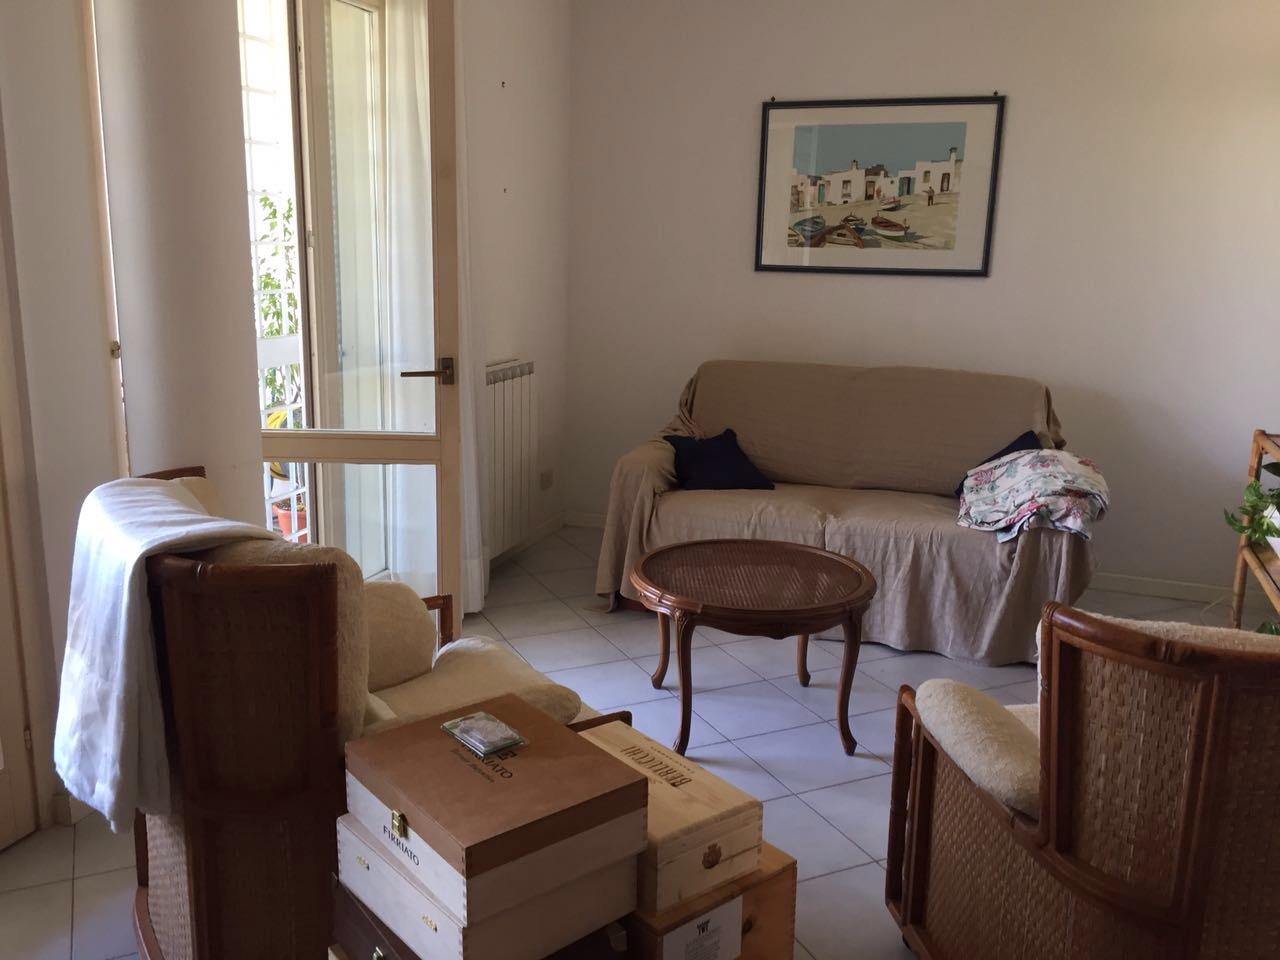 Villa a Schiera in affitto a Nettuno, 4 locali, zona Località: colleparadiso, prezzo € 700   CambioCasa.it